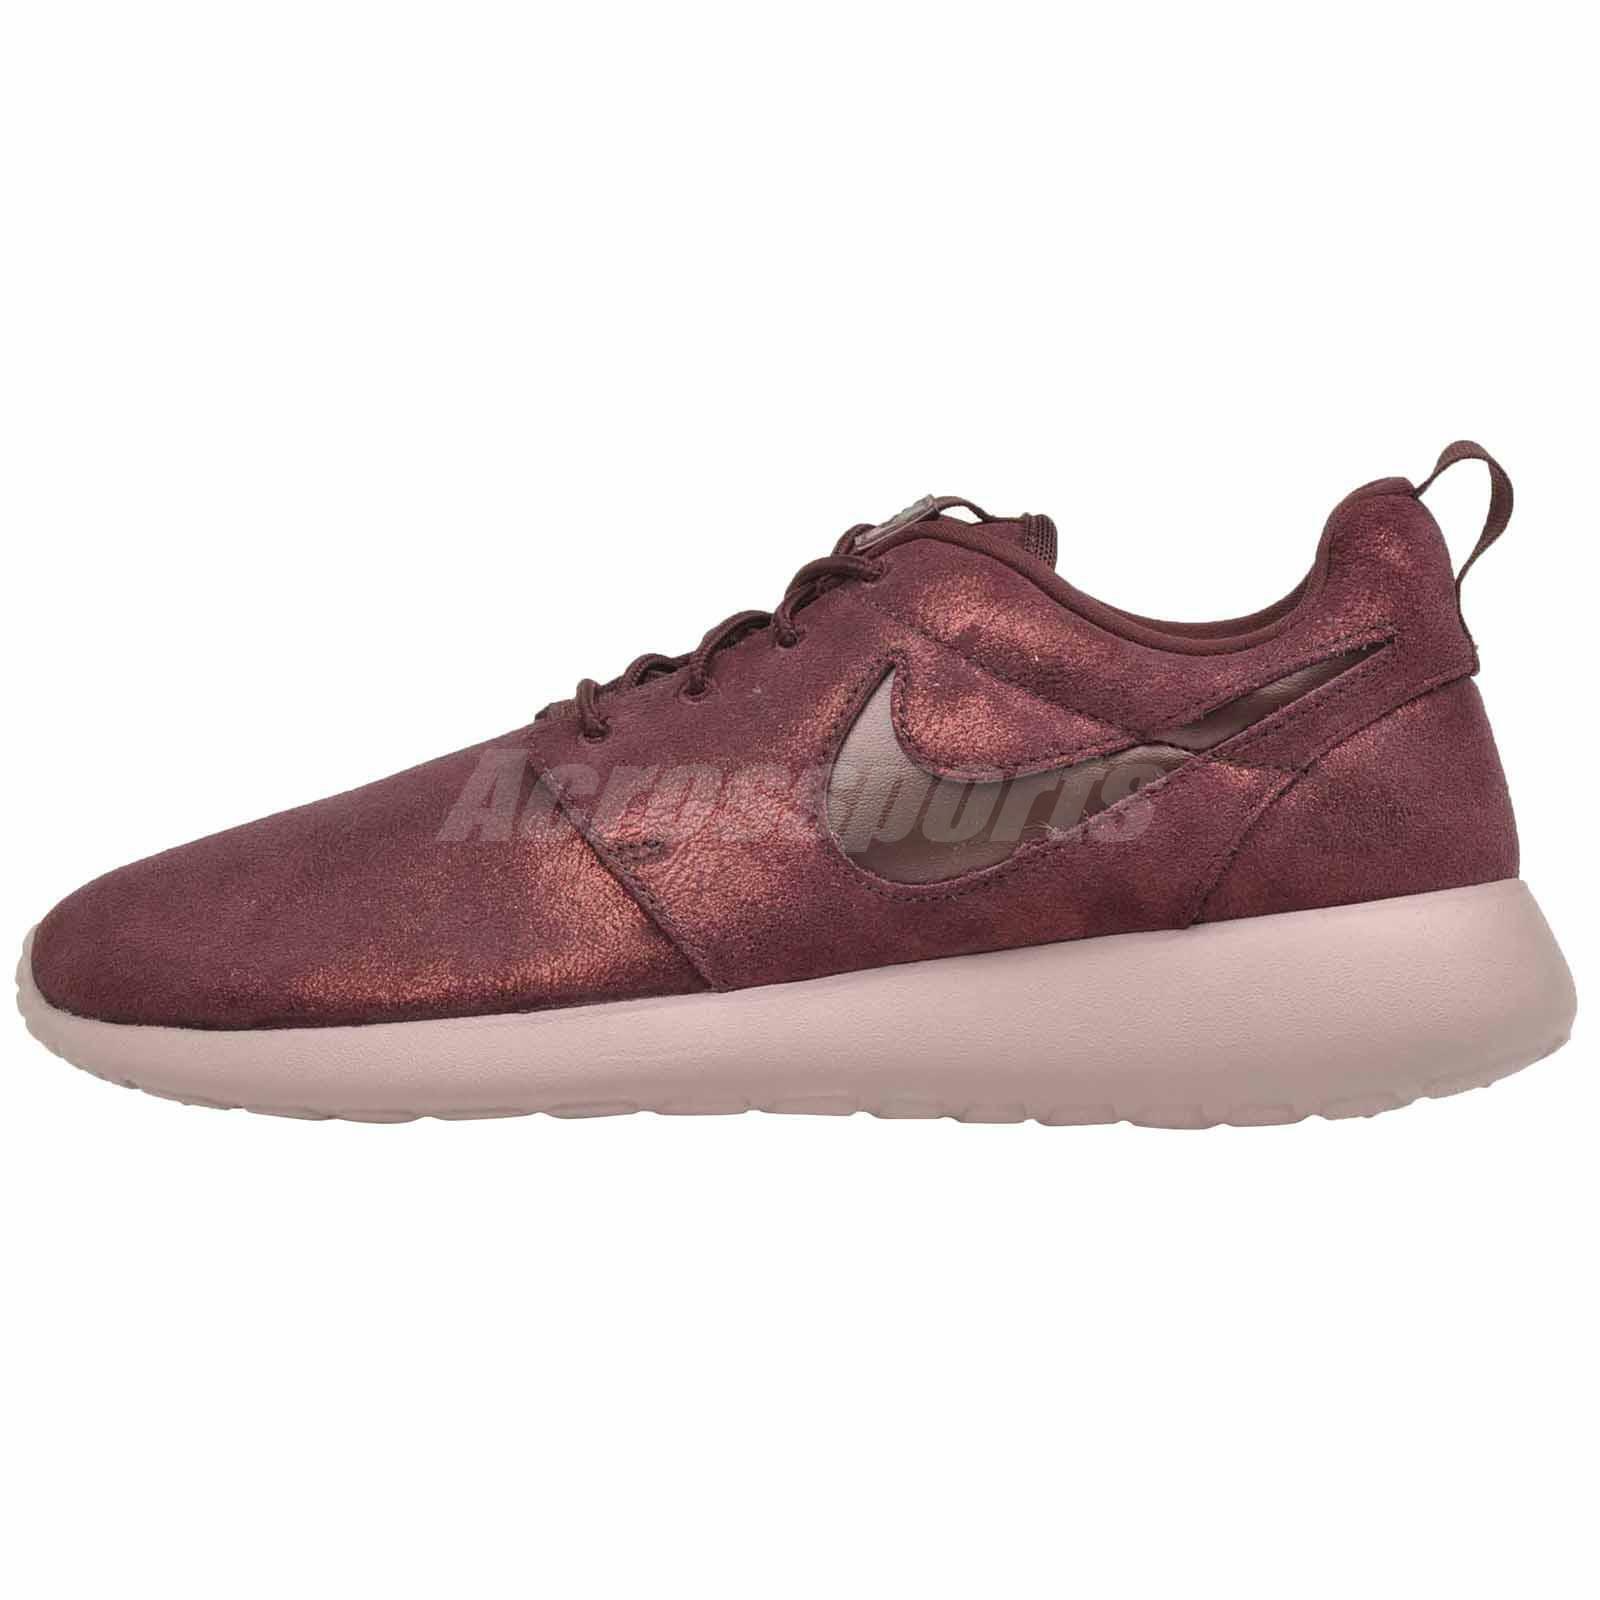 Niko Wmns  Roshe Un PRM donna scarpe scarpe da ginnastica Mahogany 833928 -902  i nuovi marchi outlet online